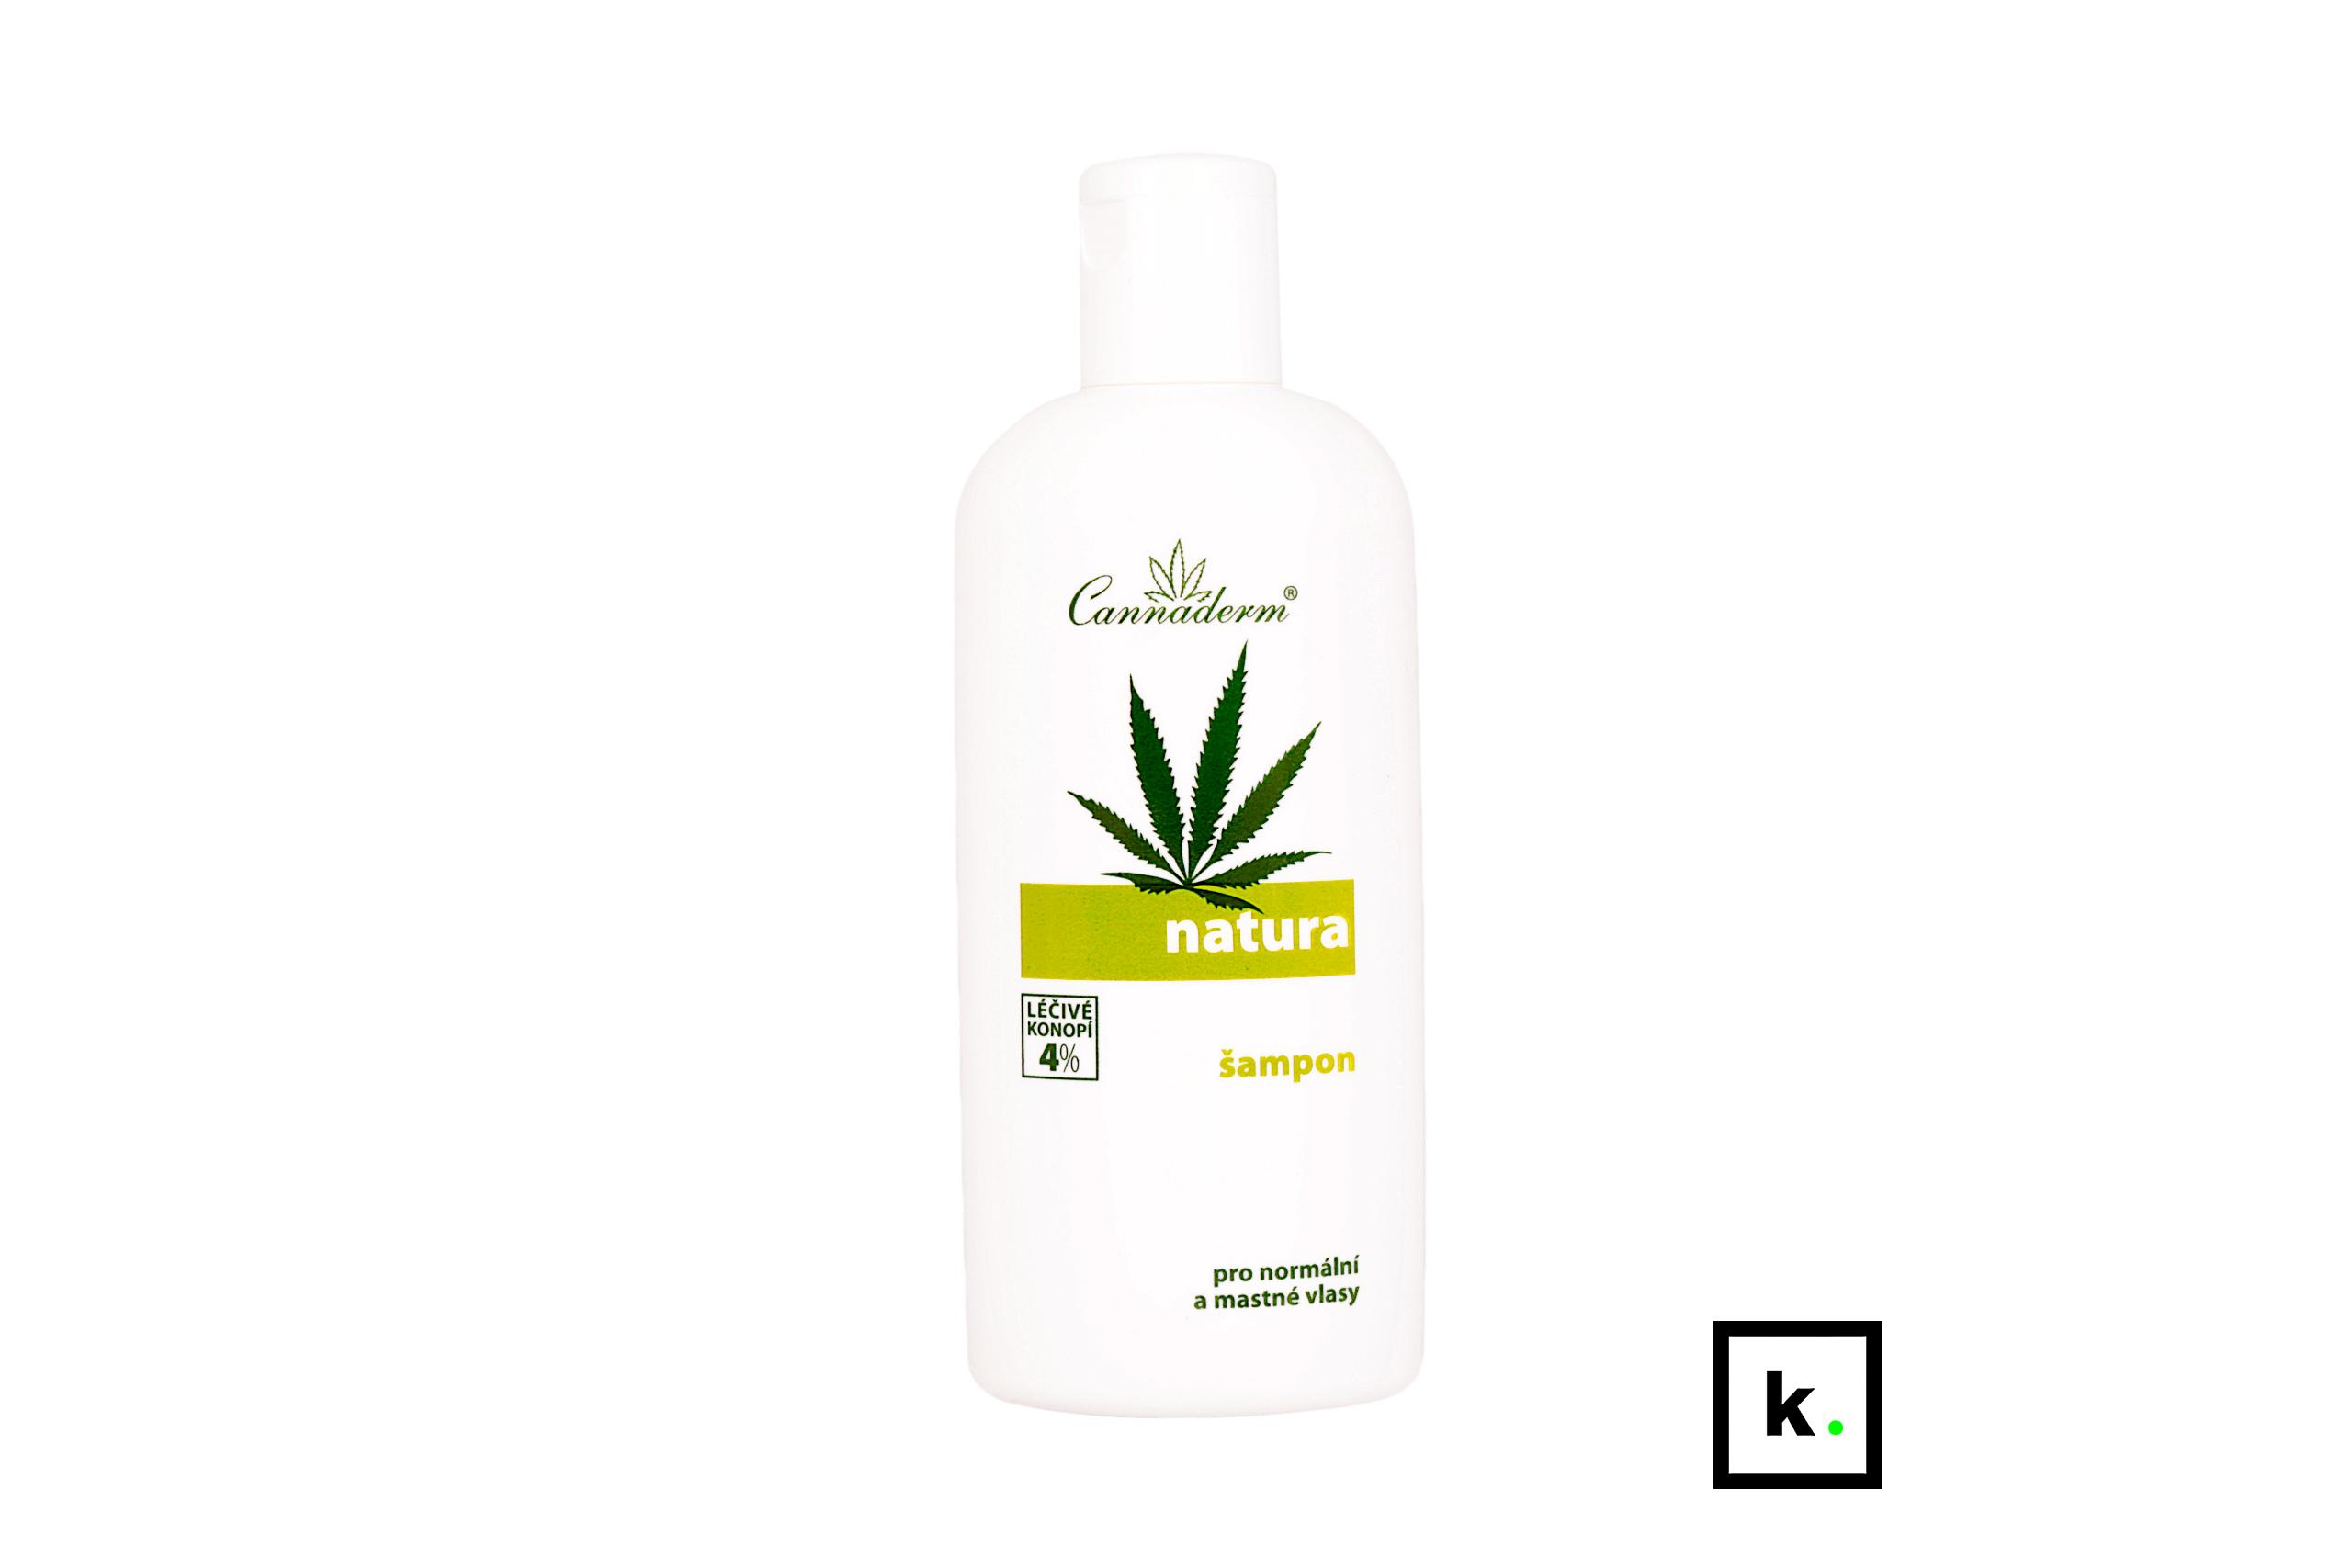 Cannaderm Natura24 szampon z konopi do włosów normalnych i przetłuszczających się - 200 ml